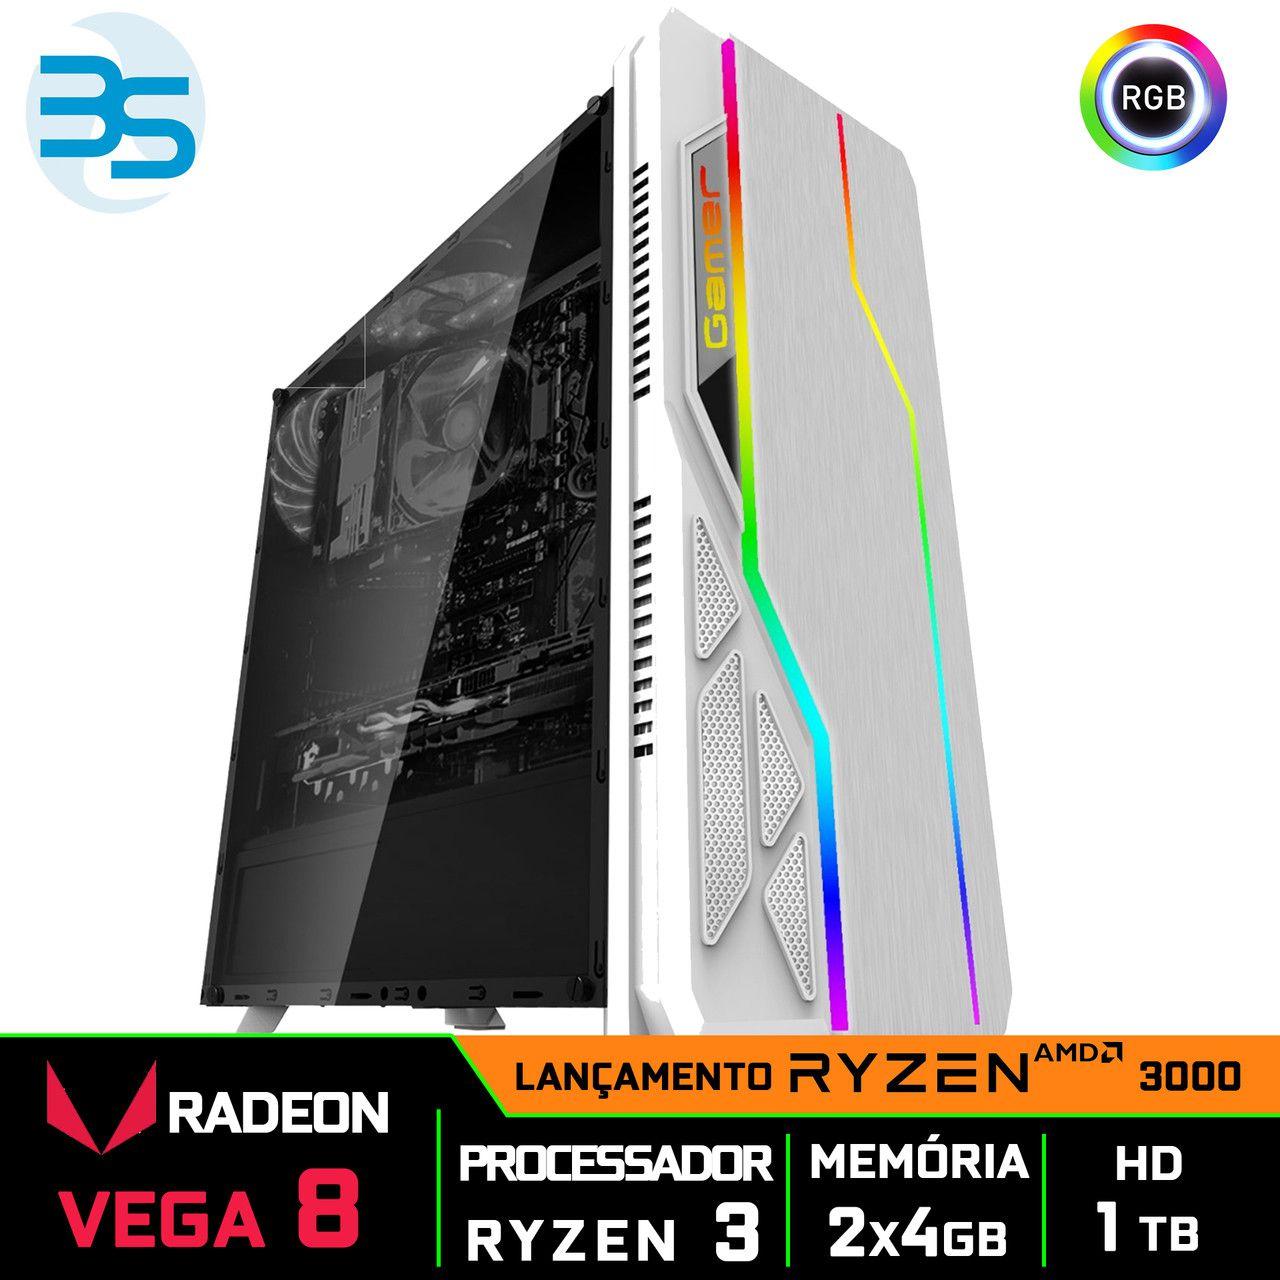 Computador Gamer Ryzen 3 3200G, 8GB DDR4, HD 1TB, 500W, BG-009